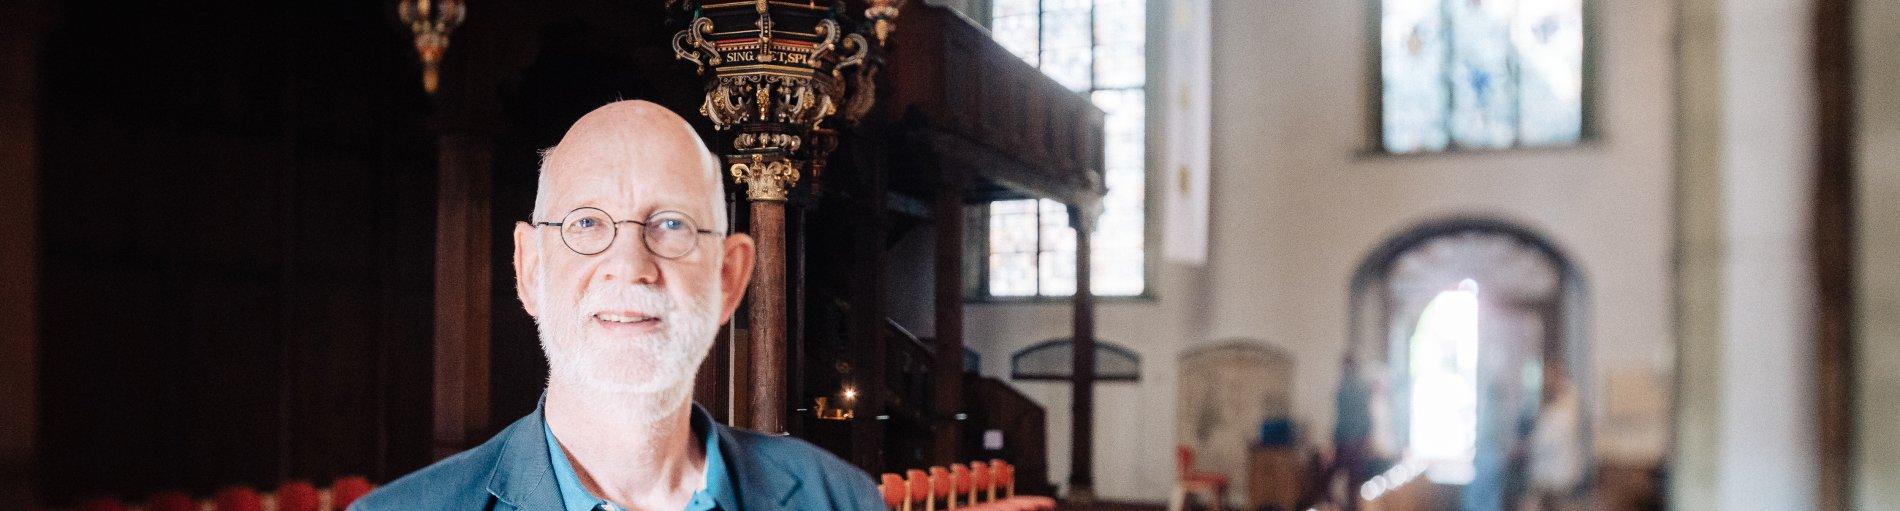 Ein älterer Herr mit Brille und blauen Sakko.